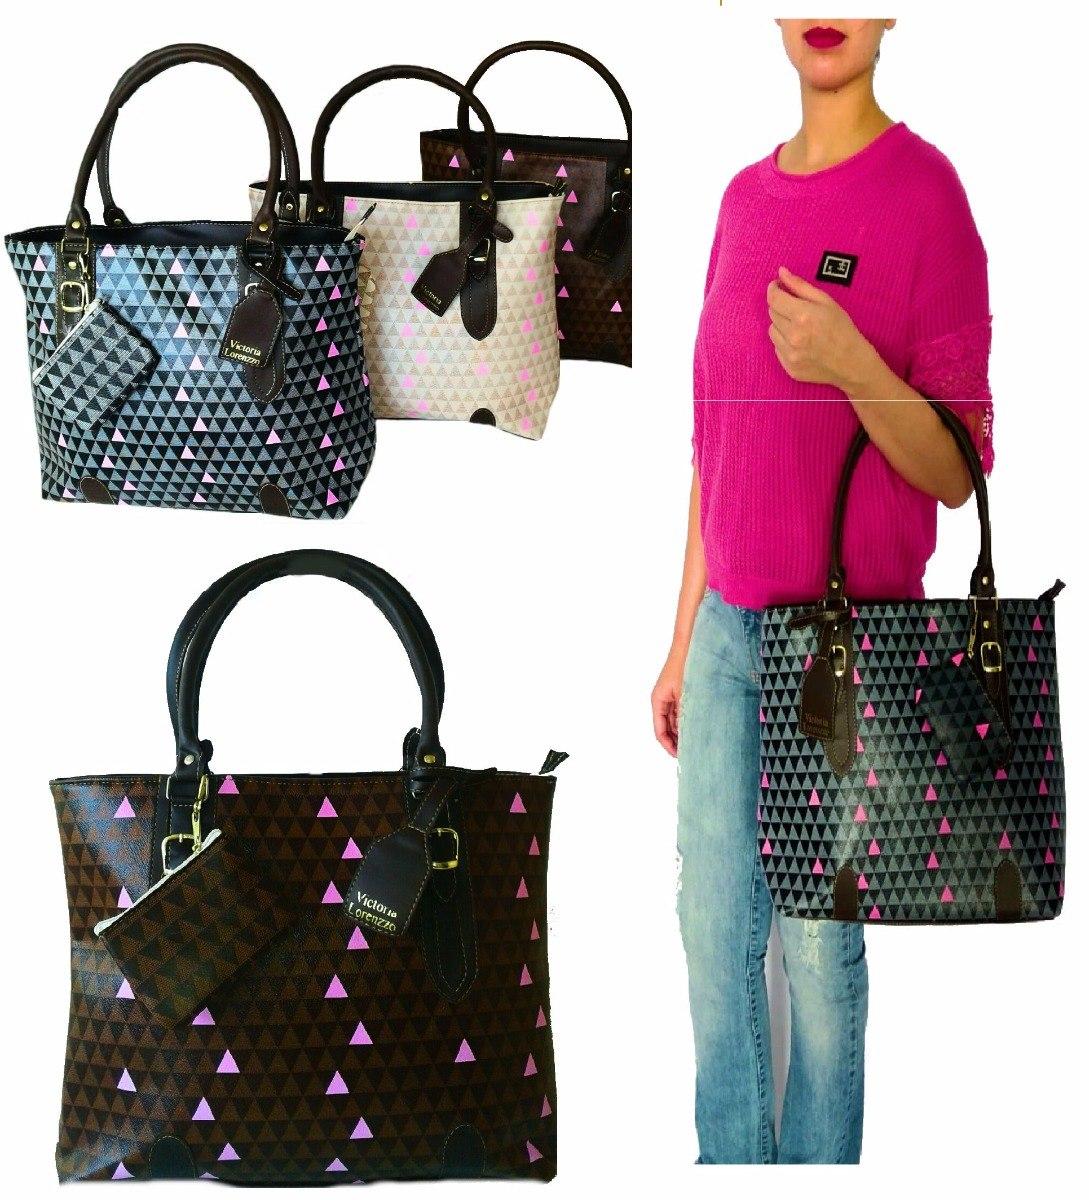 78cad7c15 bolsa feminina tendência importada grife marca luxo promoção. Carregando  zoom.